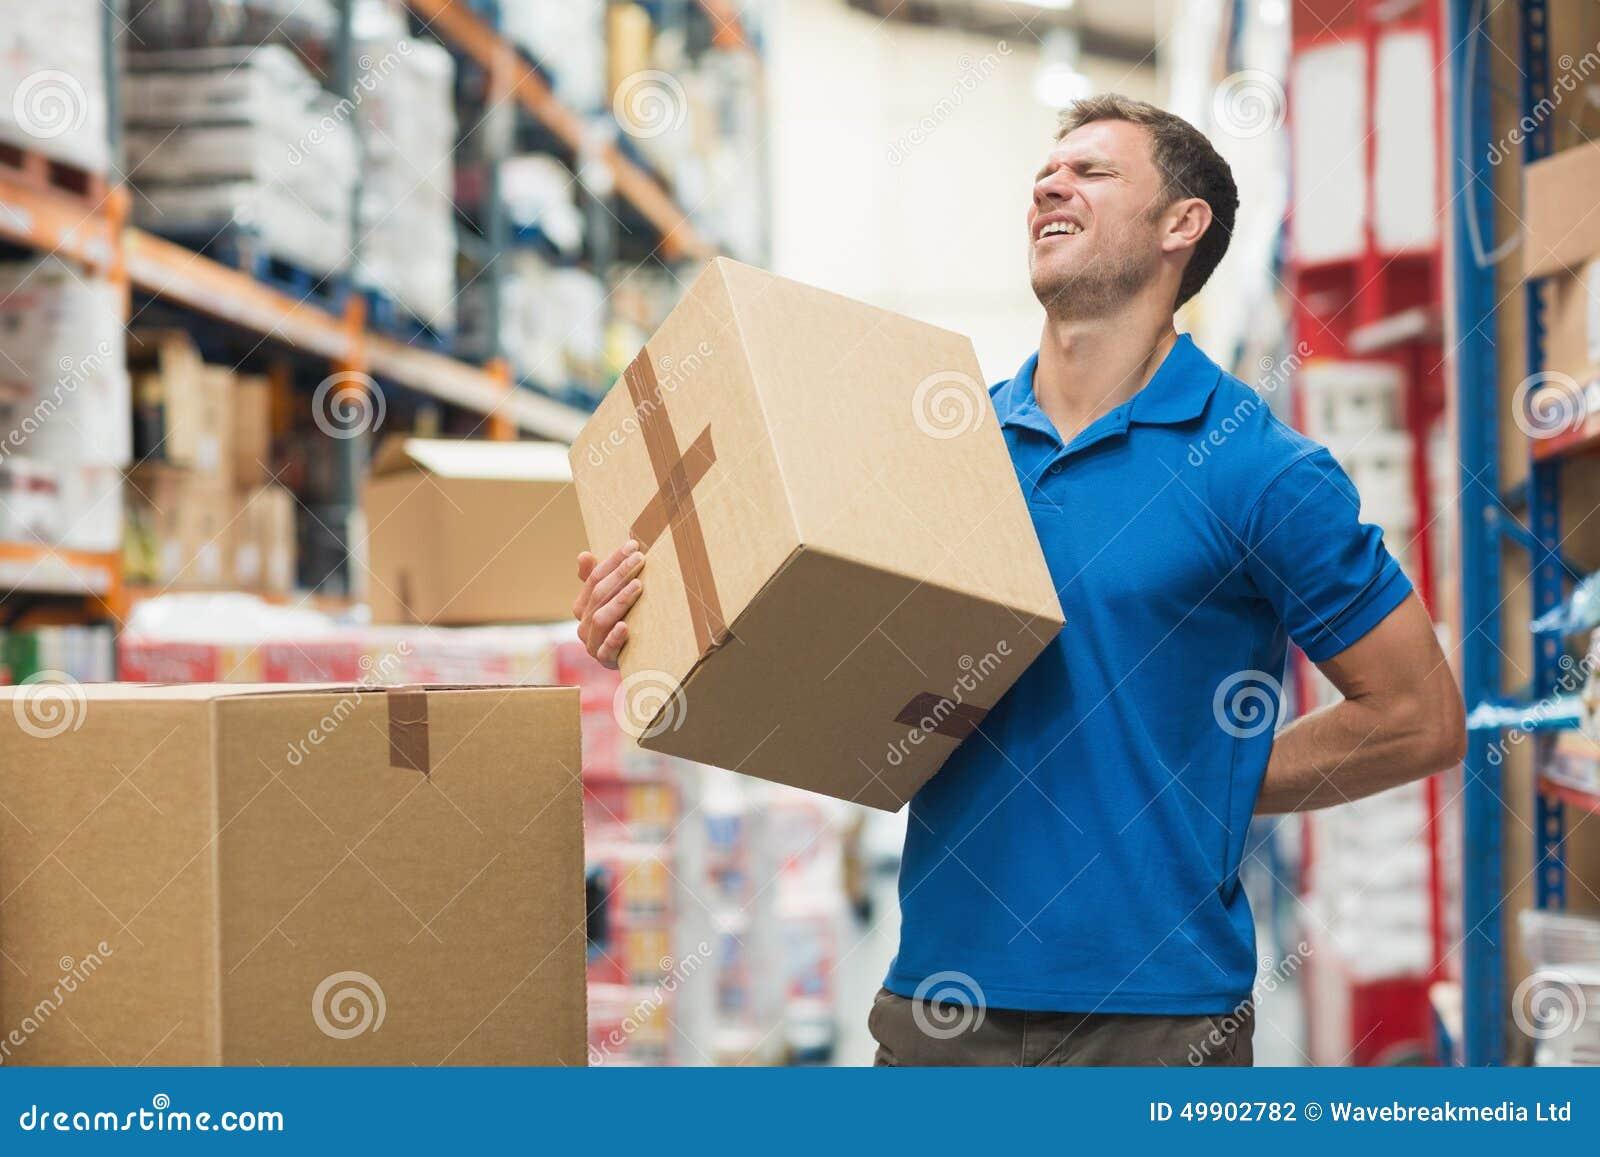 Lavoratore con il mal di schiena mentre sollevando scatola in magazzino